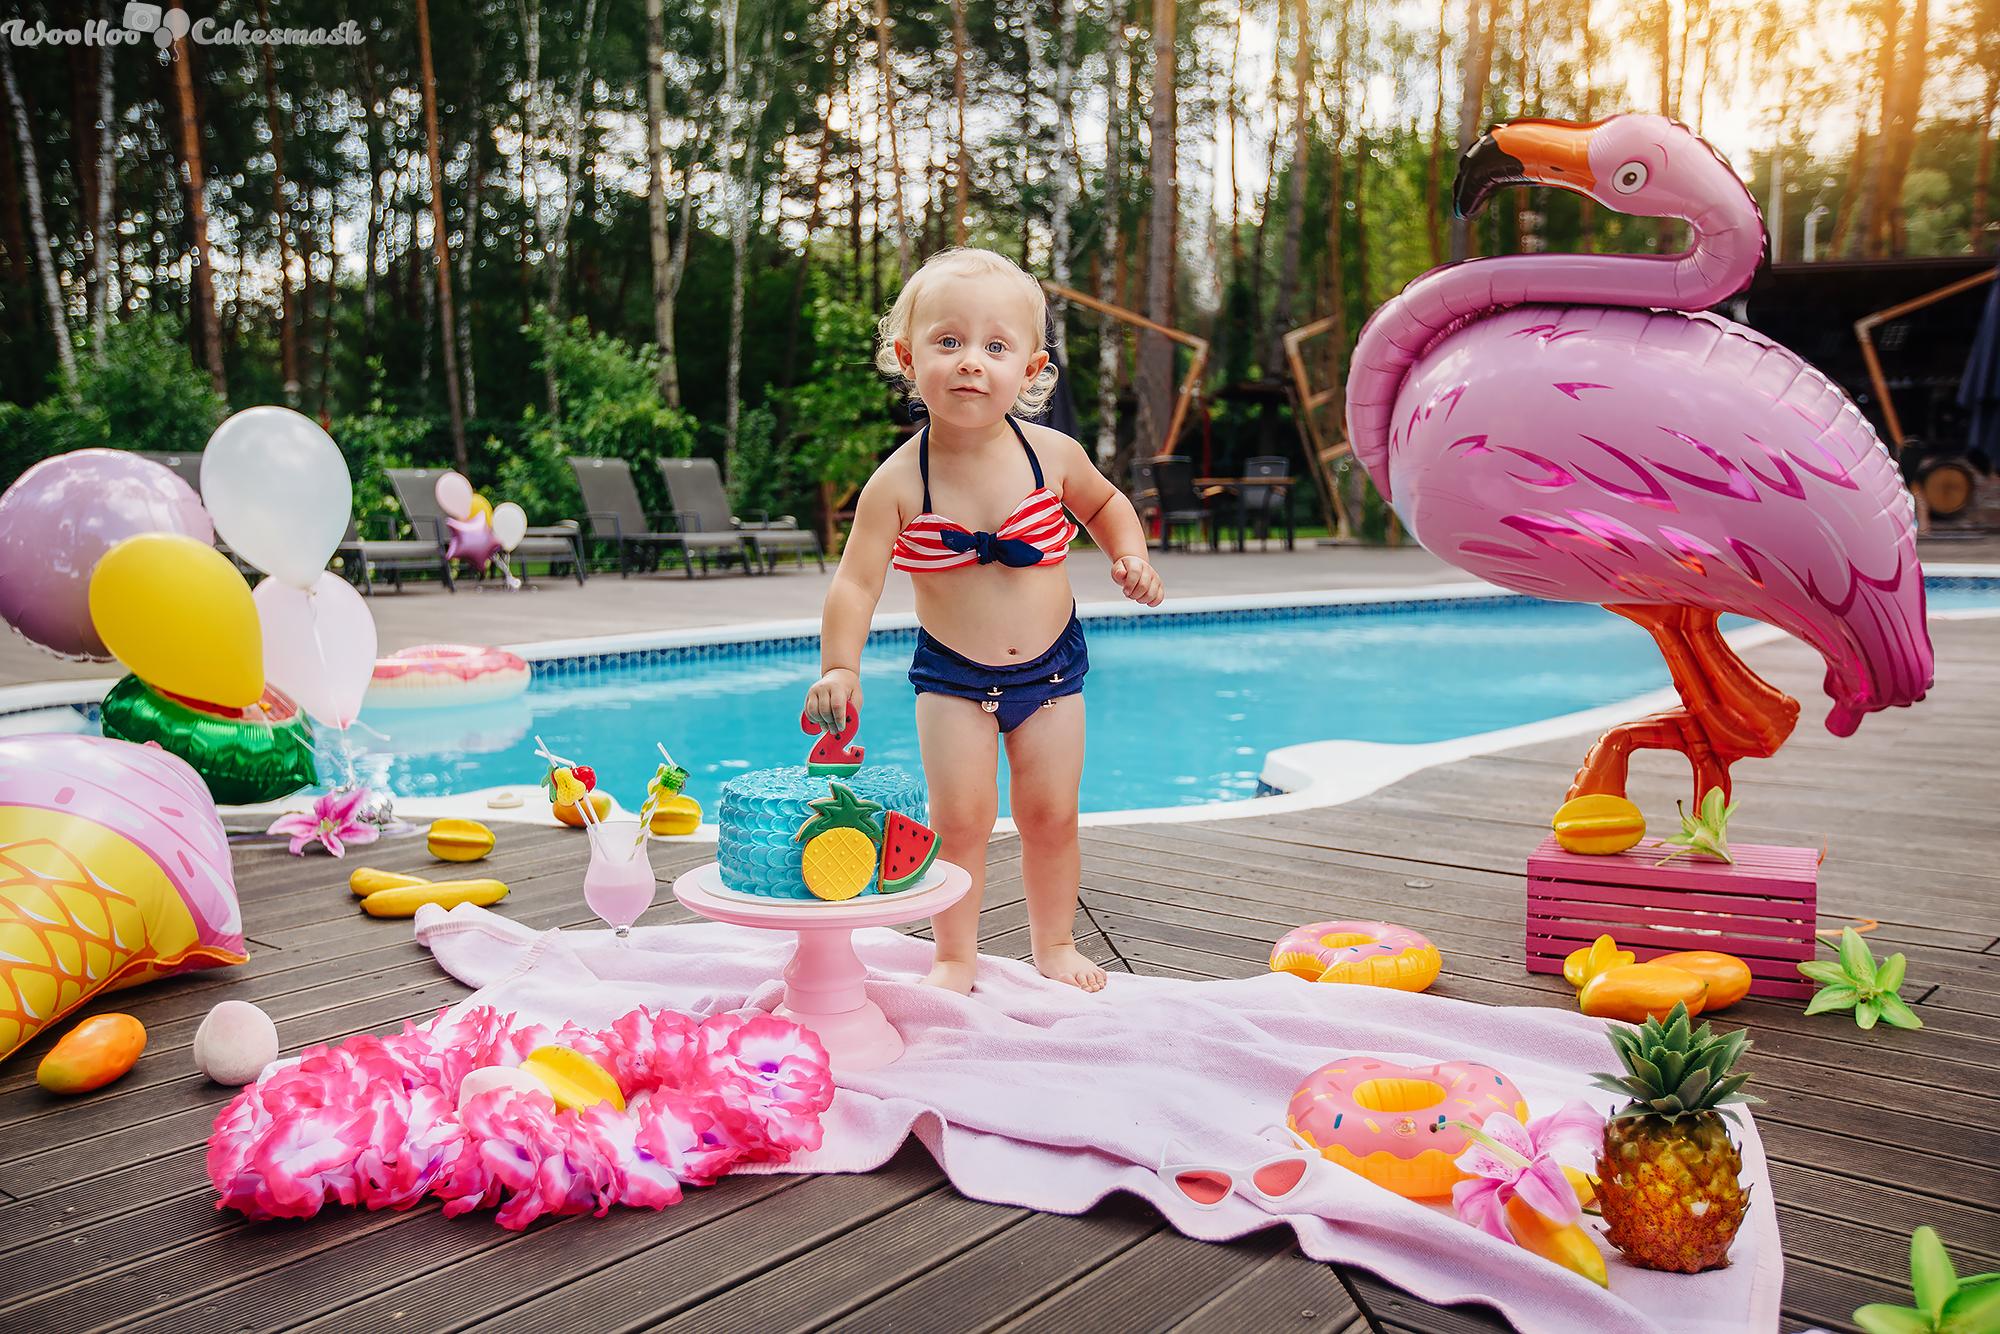 woohoo_cakesmash_Marusya_pool_party_5